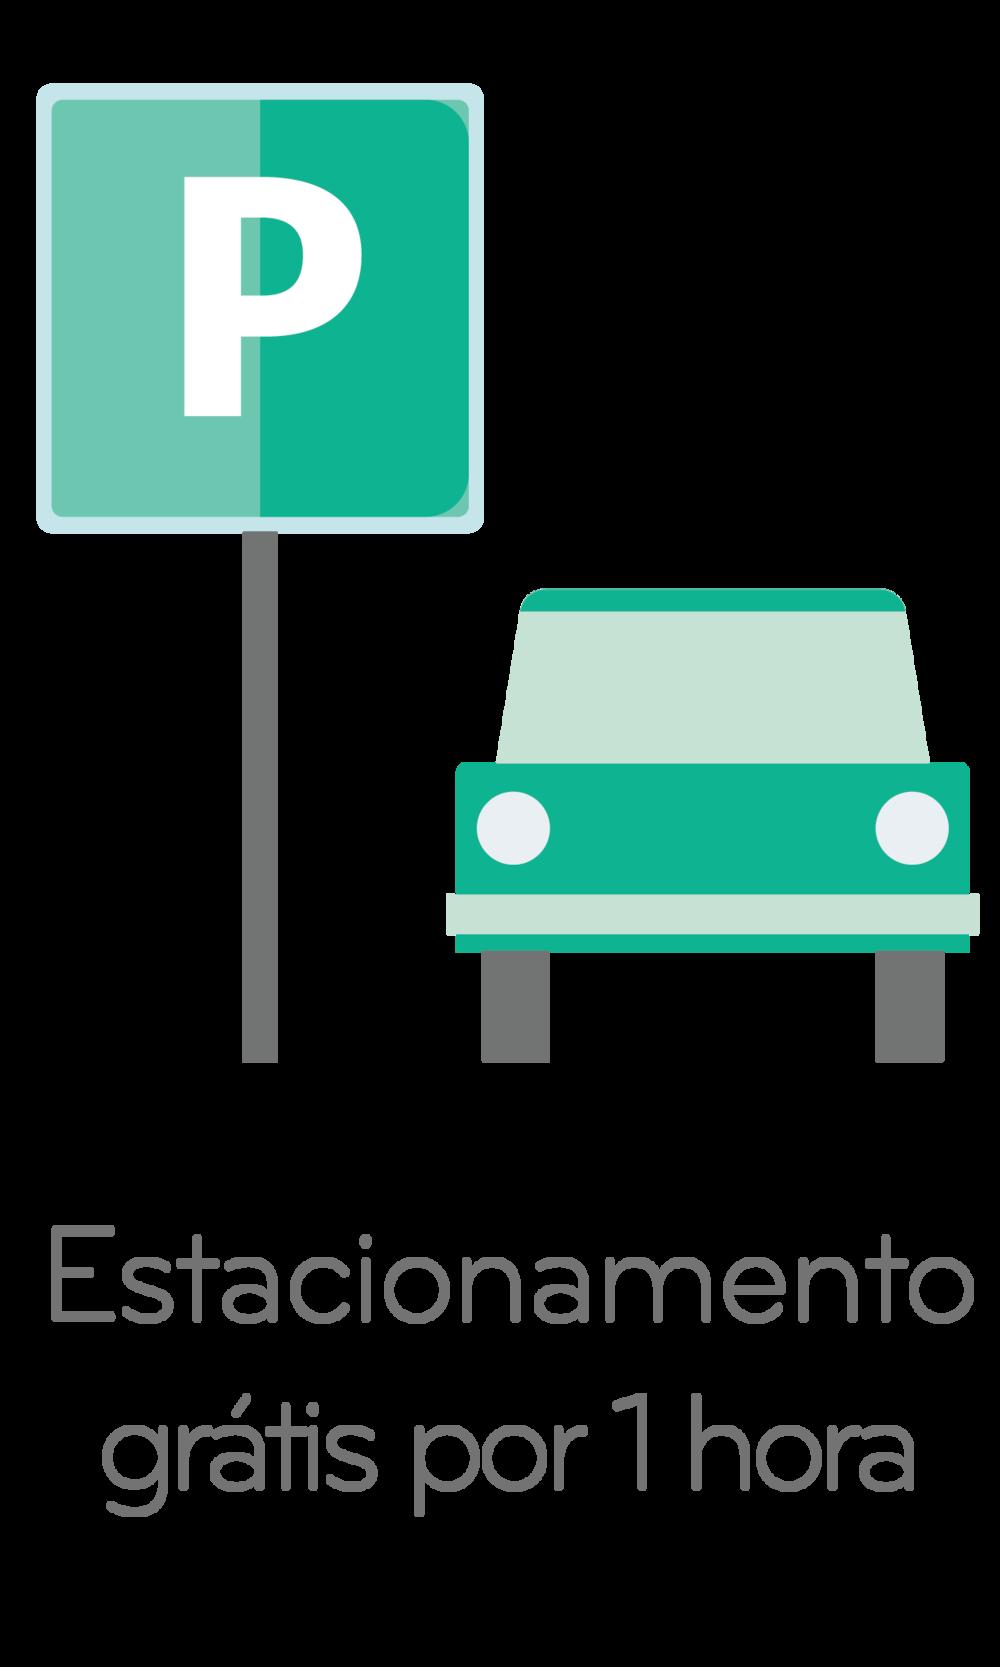 Estacionamento-01.png